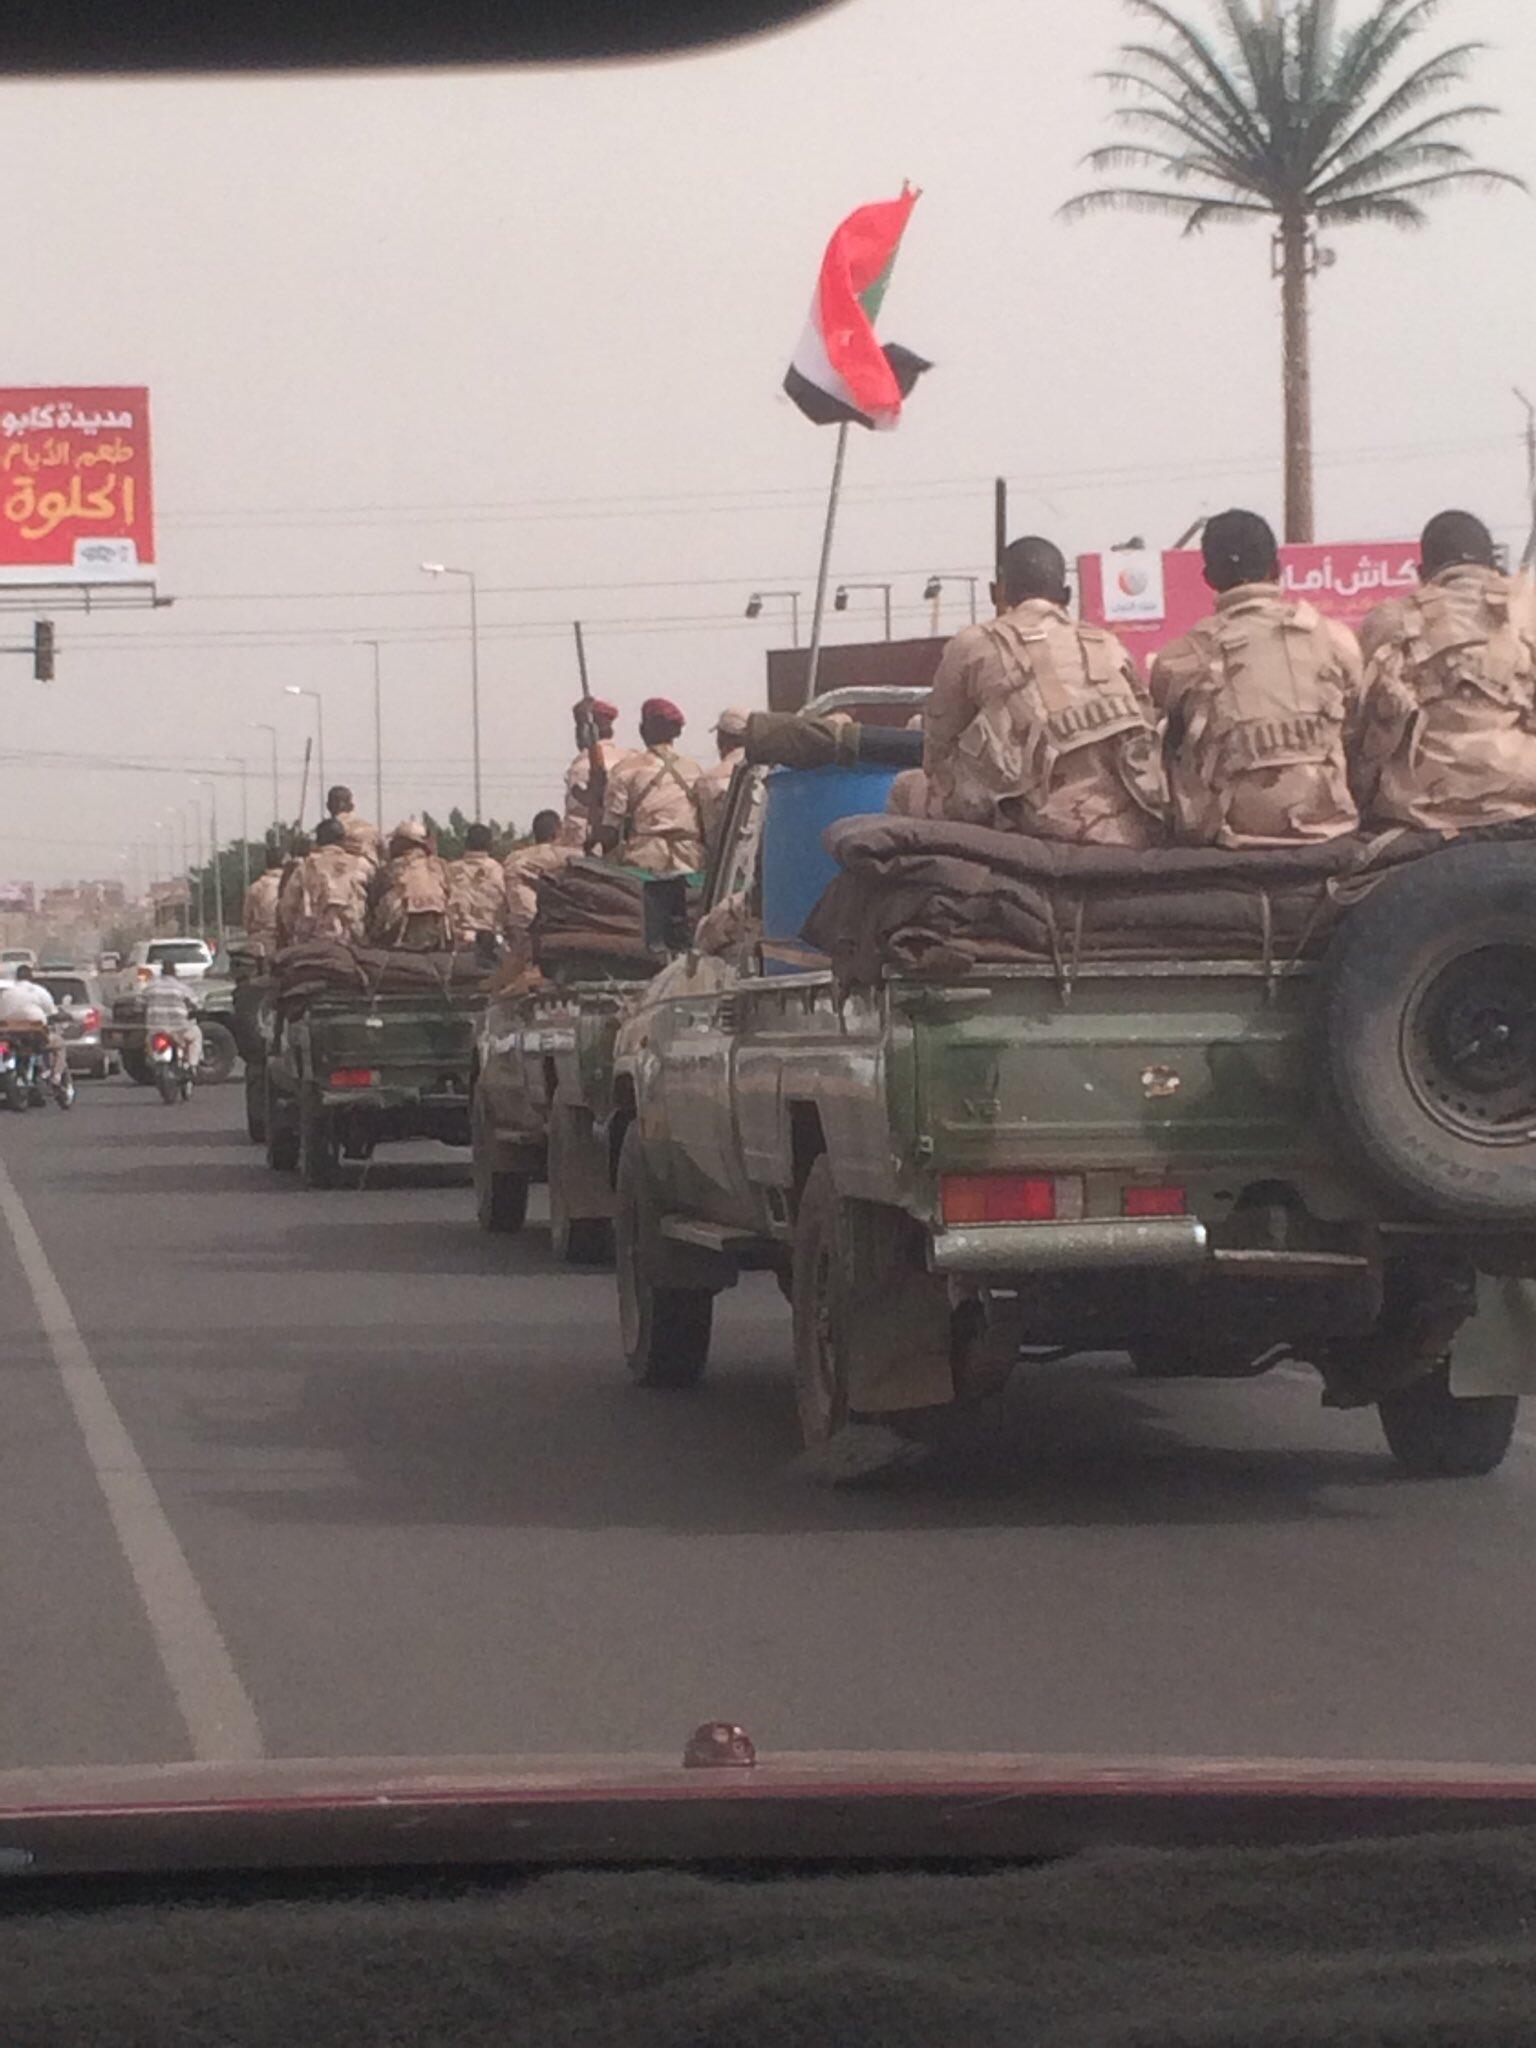 Déploiement massif des forces de sécurité dans le centre de Khartoum, dimanche 30 juin.